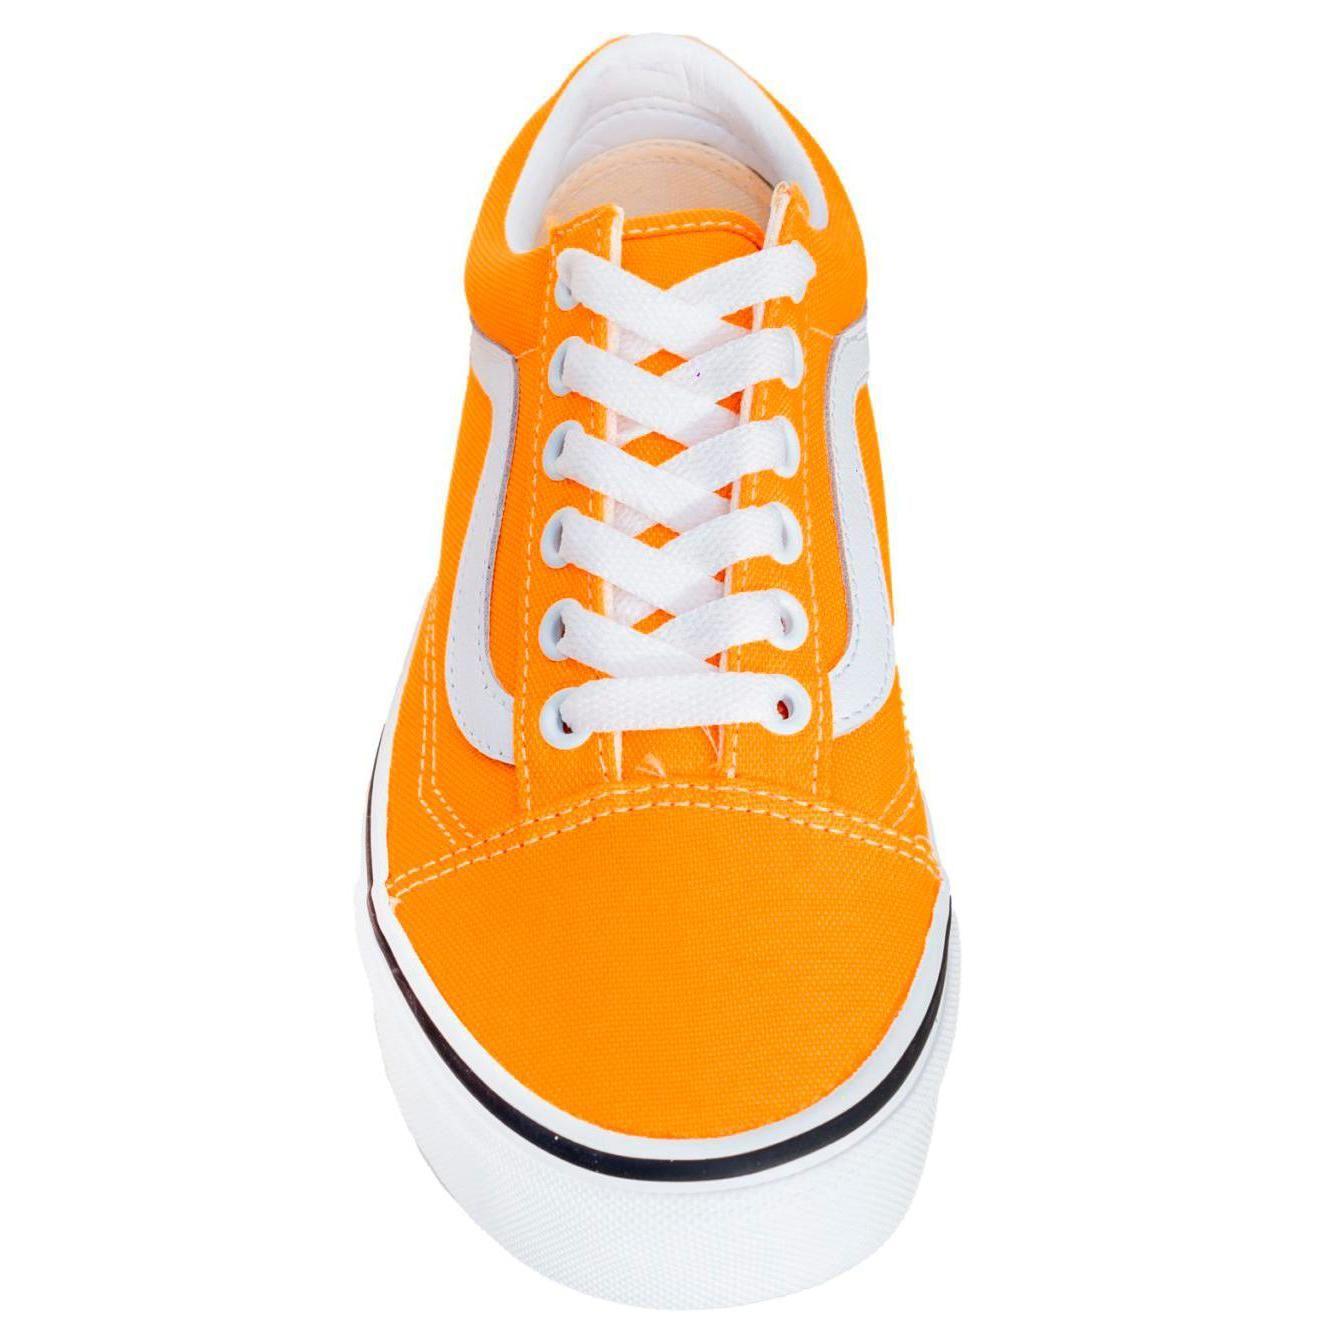 Tênis Vans Old Skool Laranja Neon